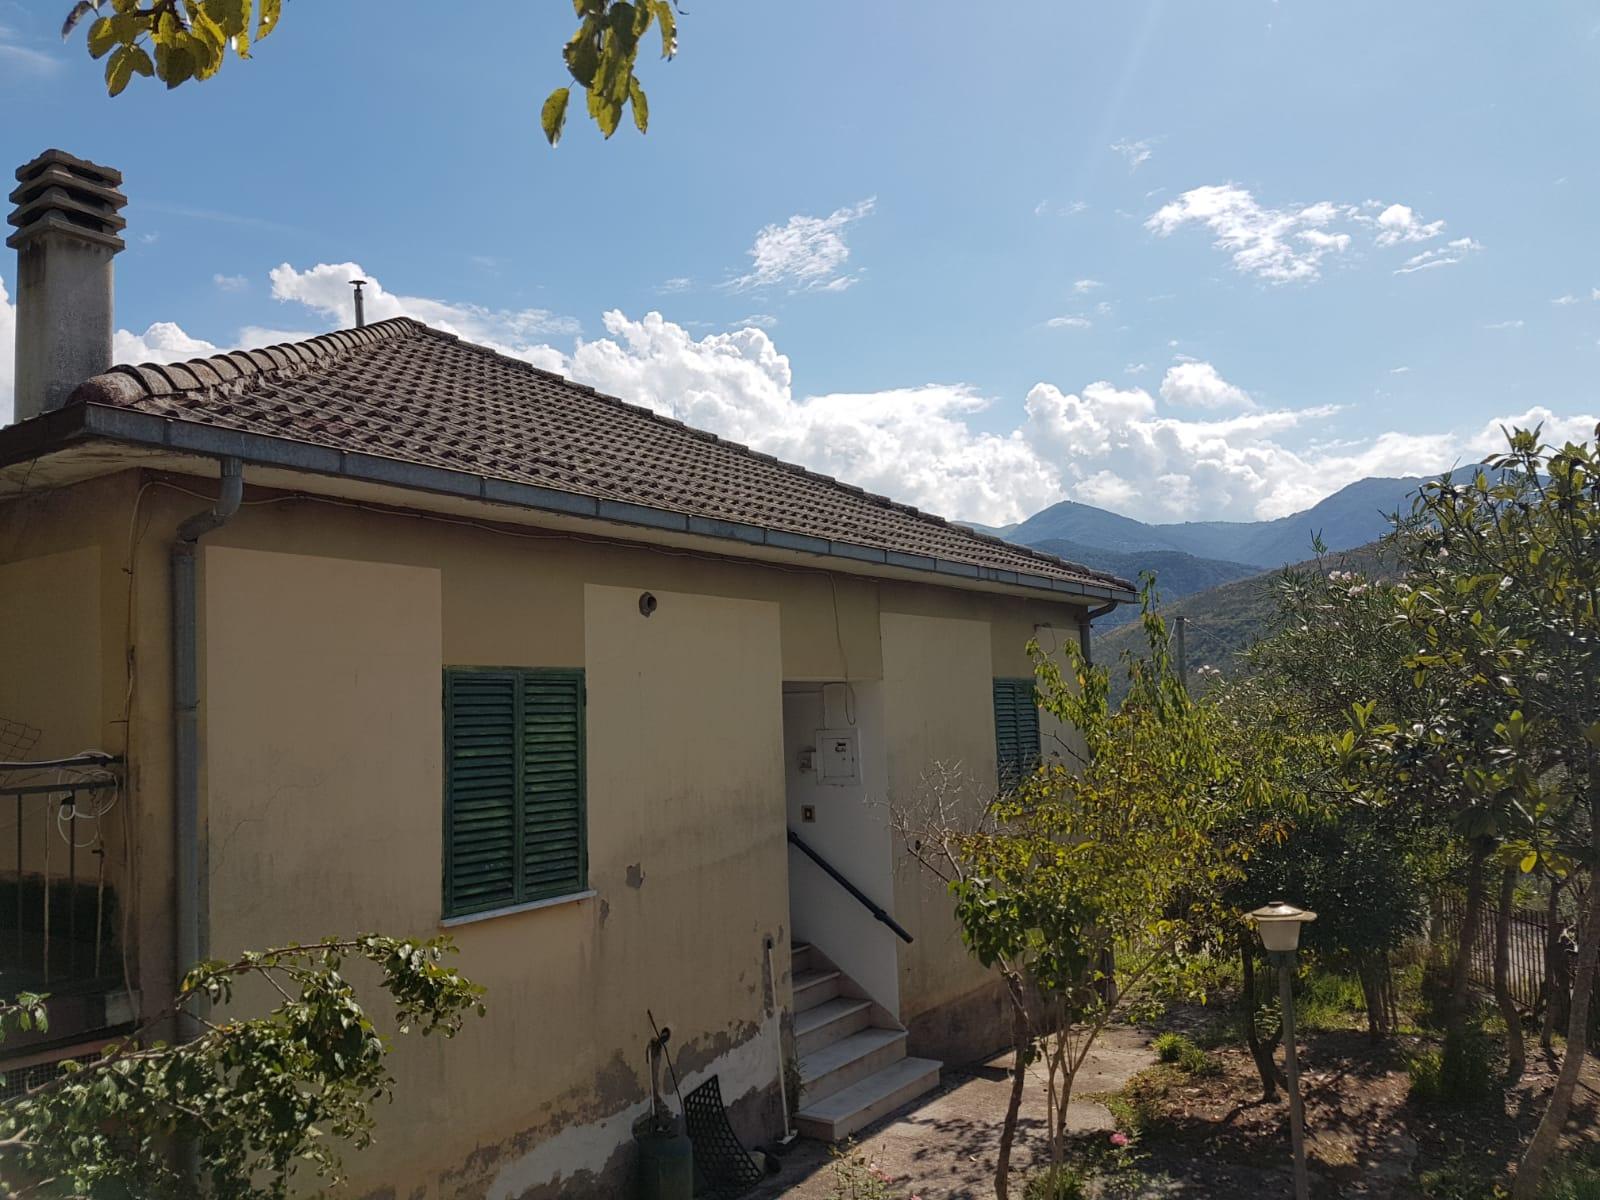 Soluzione Indipendente in vendita a Santopadre, 6 locali, zona Zona: Ciaiali, prezzo € 58.000 | CambioCasa.it